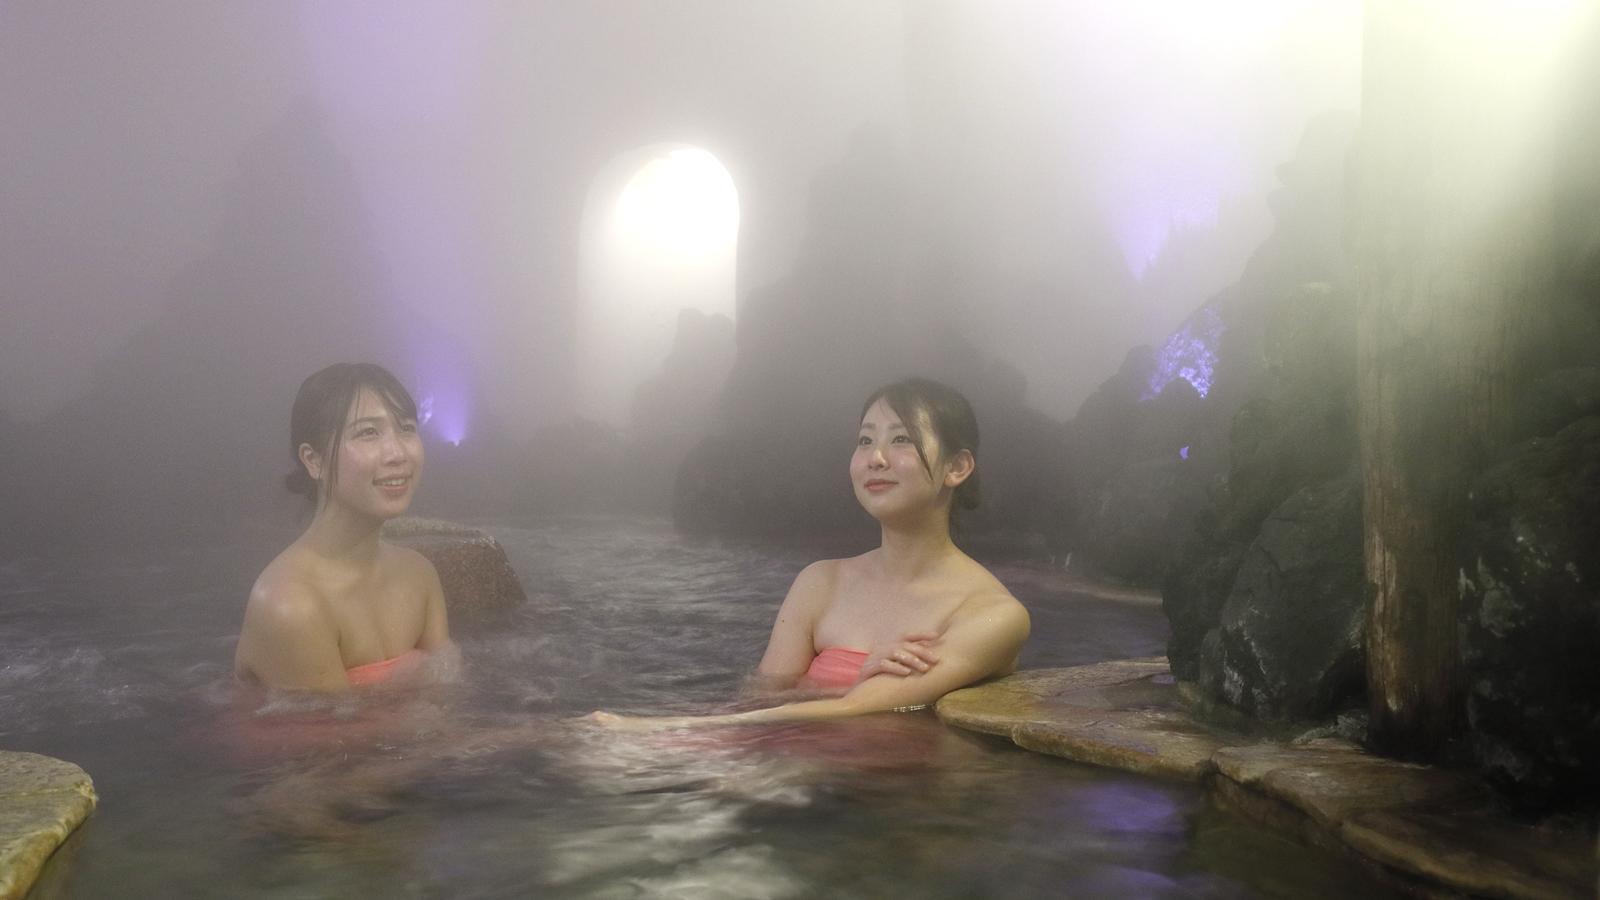 洞窟風呂 スライド2枚目